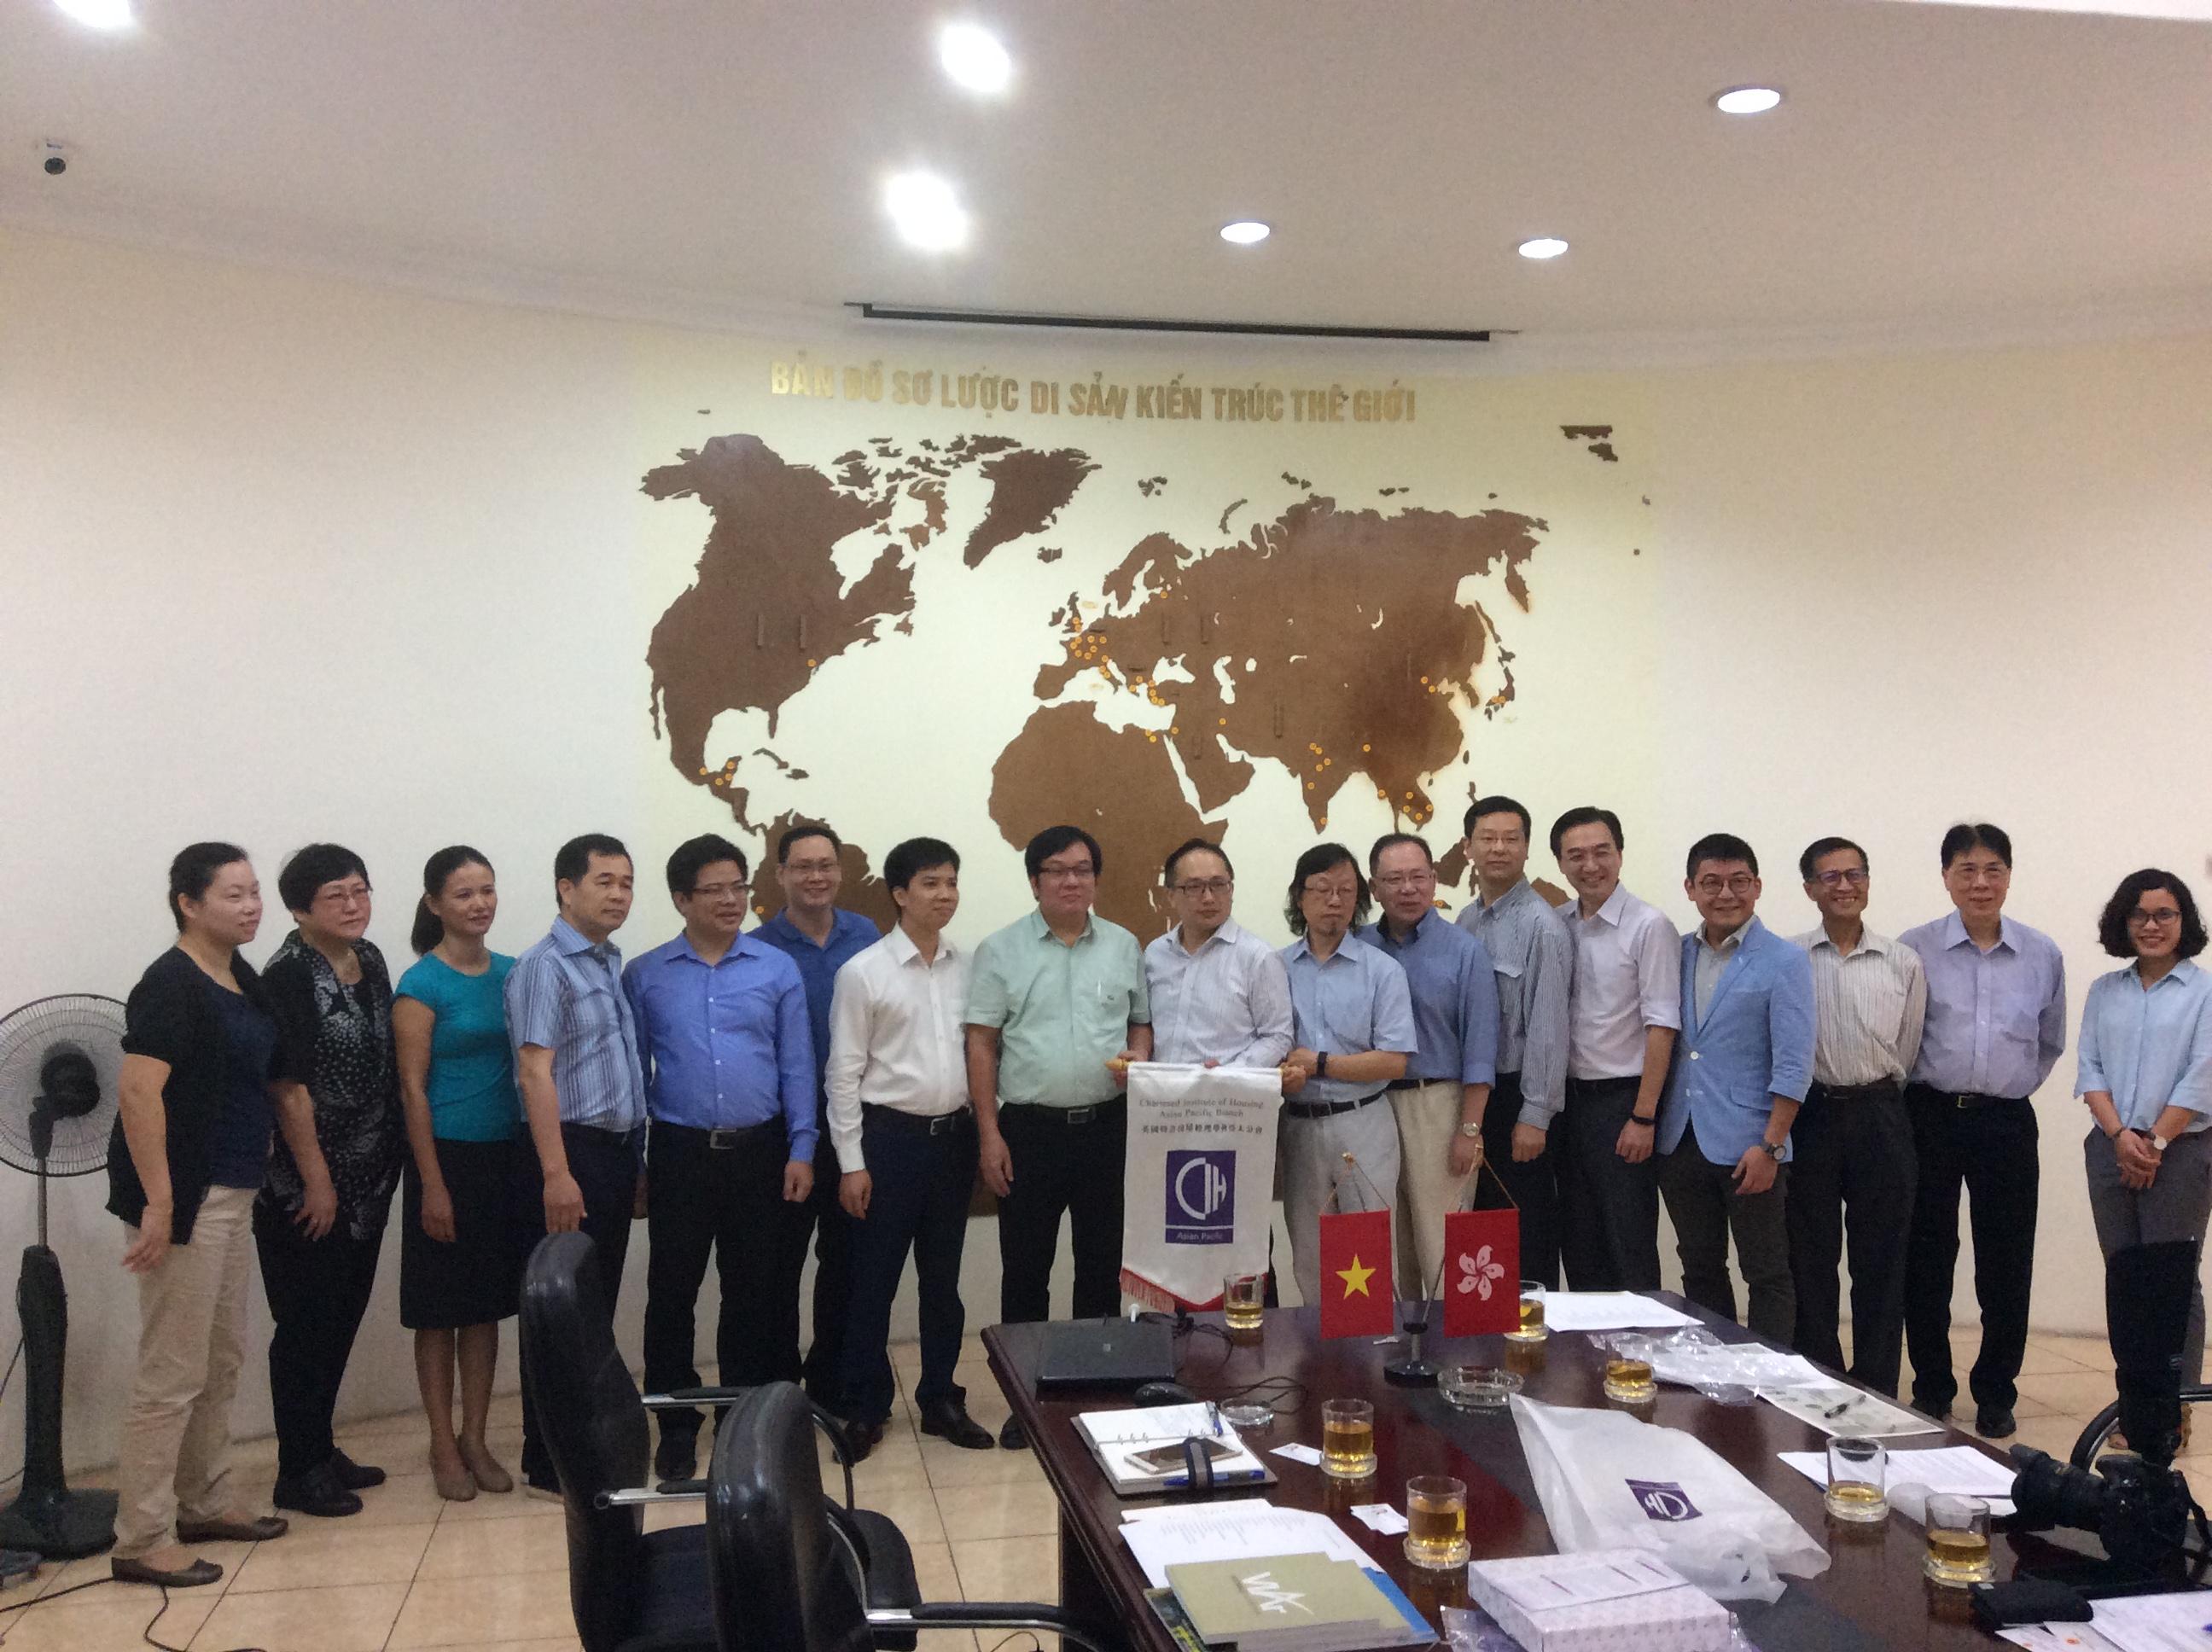 Lãnh đạo Viện Kiến trúc Quốc gia làm việc với chuyên gia Viện Nhà ở Châu Á Thái Bình Dương